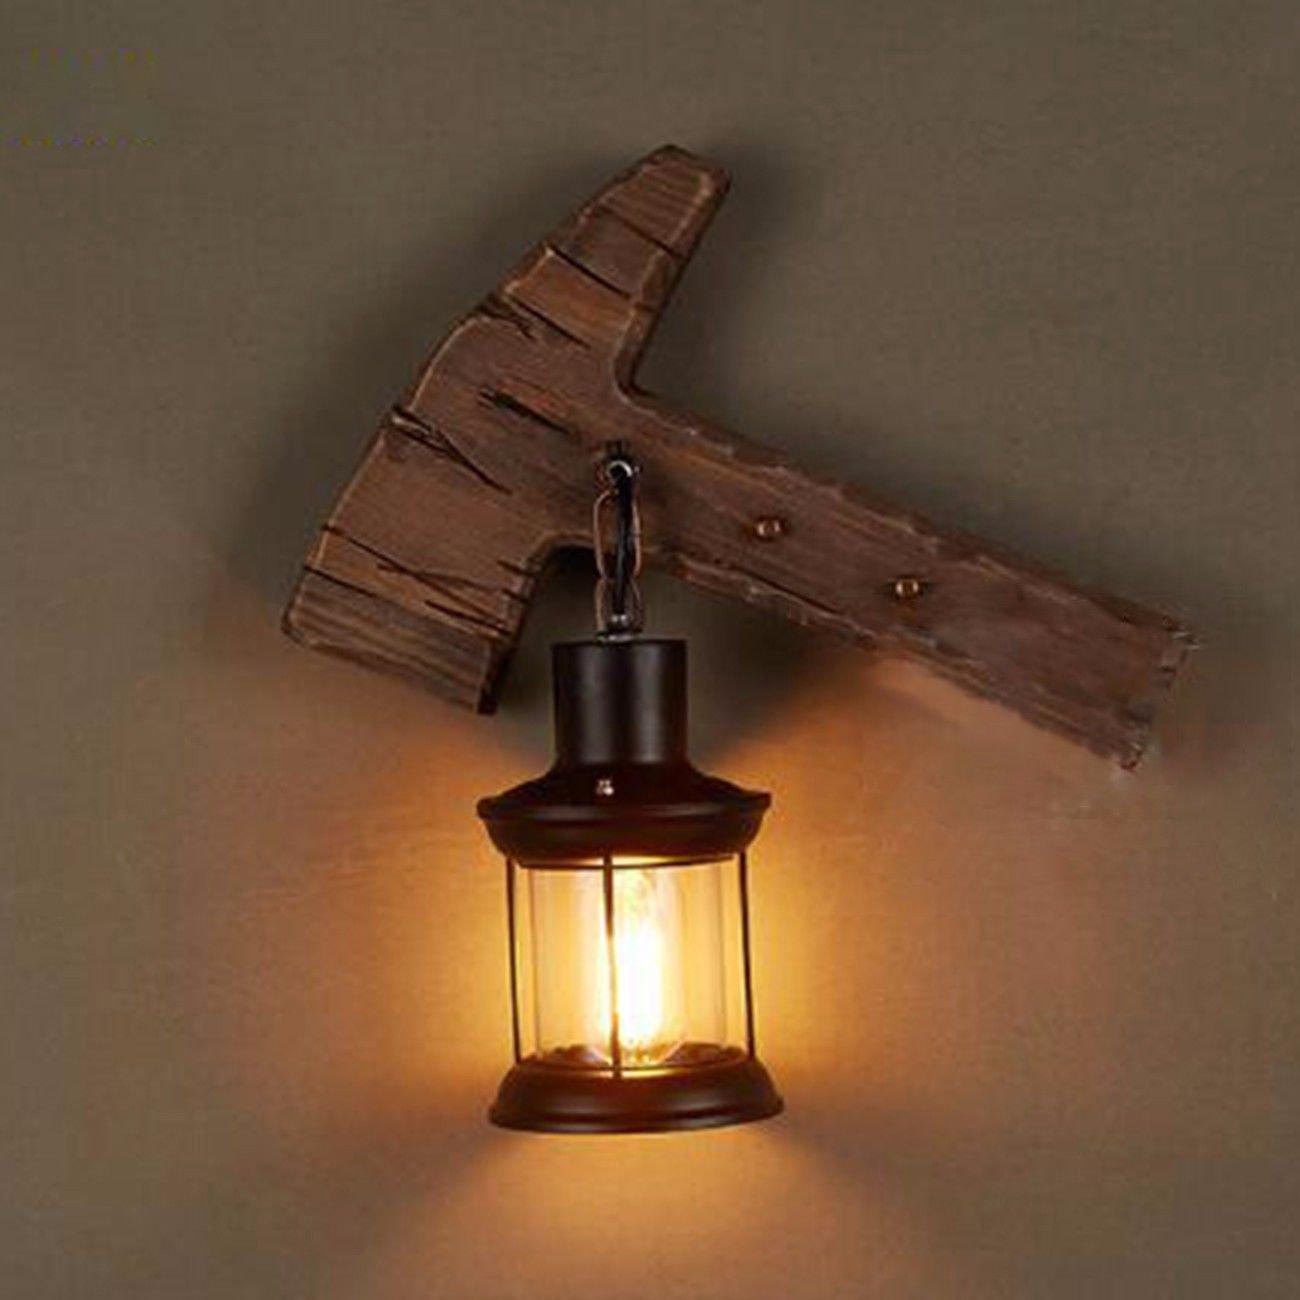 Wandlampe Nordische Art Retro - Korridor Stufen Treppe Holz Wand Lampe Loft Der Wohn - Esszimmer Massivholz Wall Lamp,G